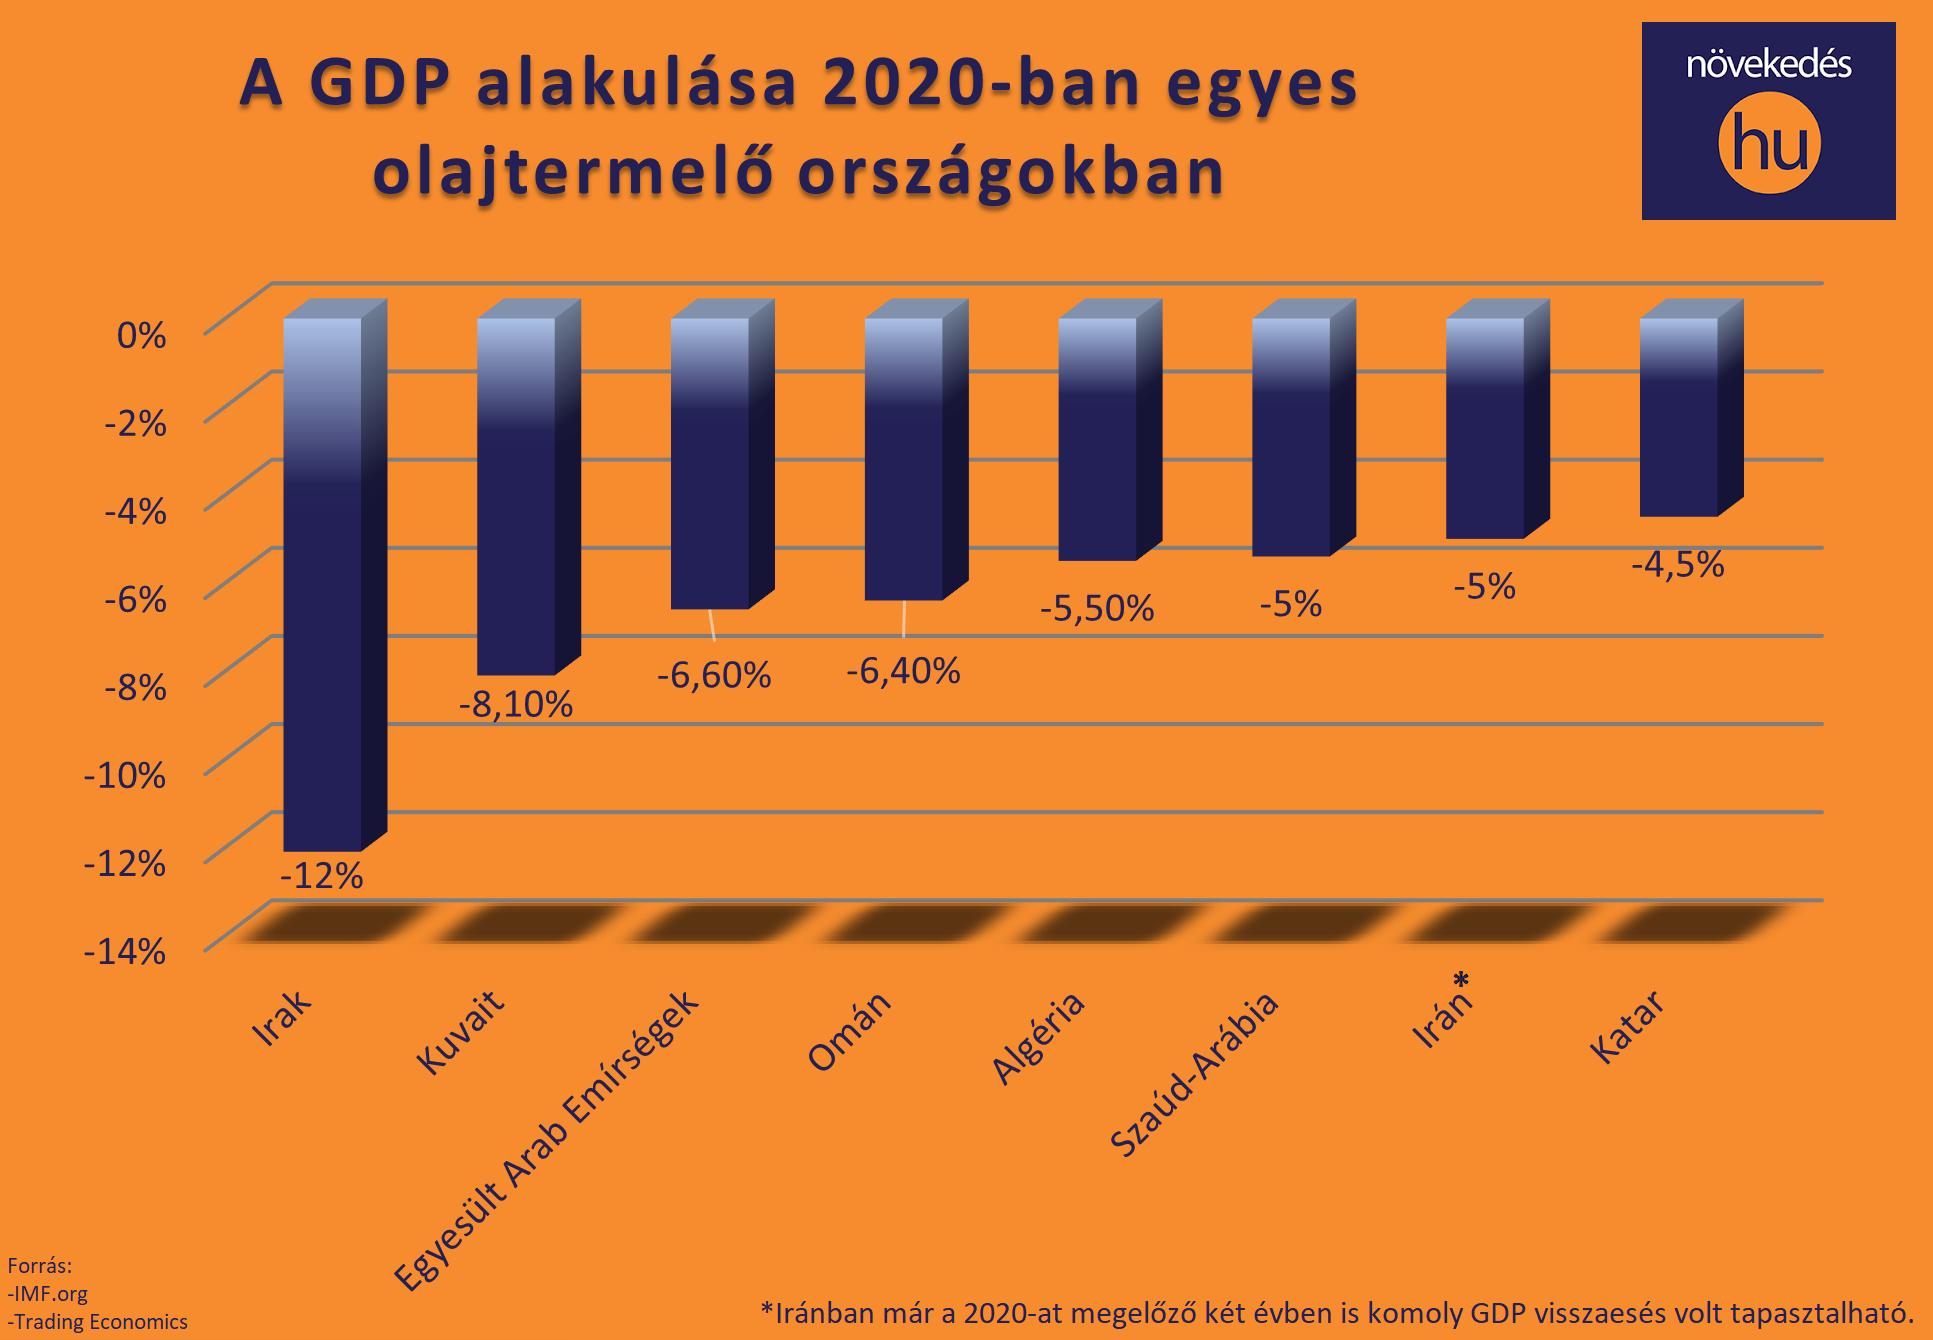 olajállamok GDP